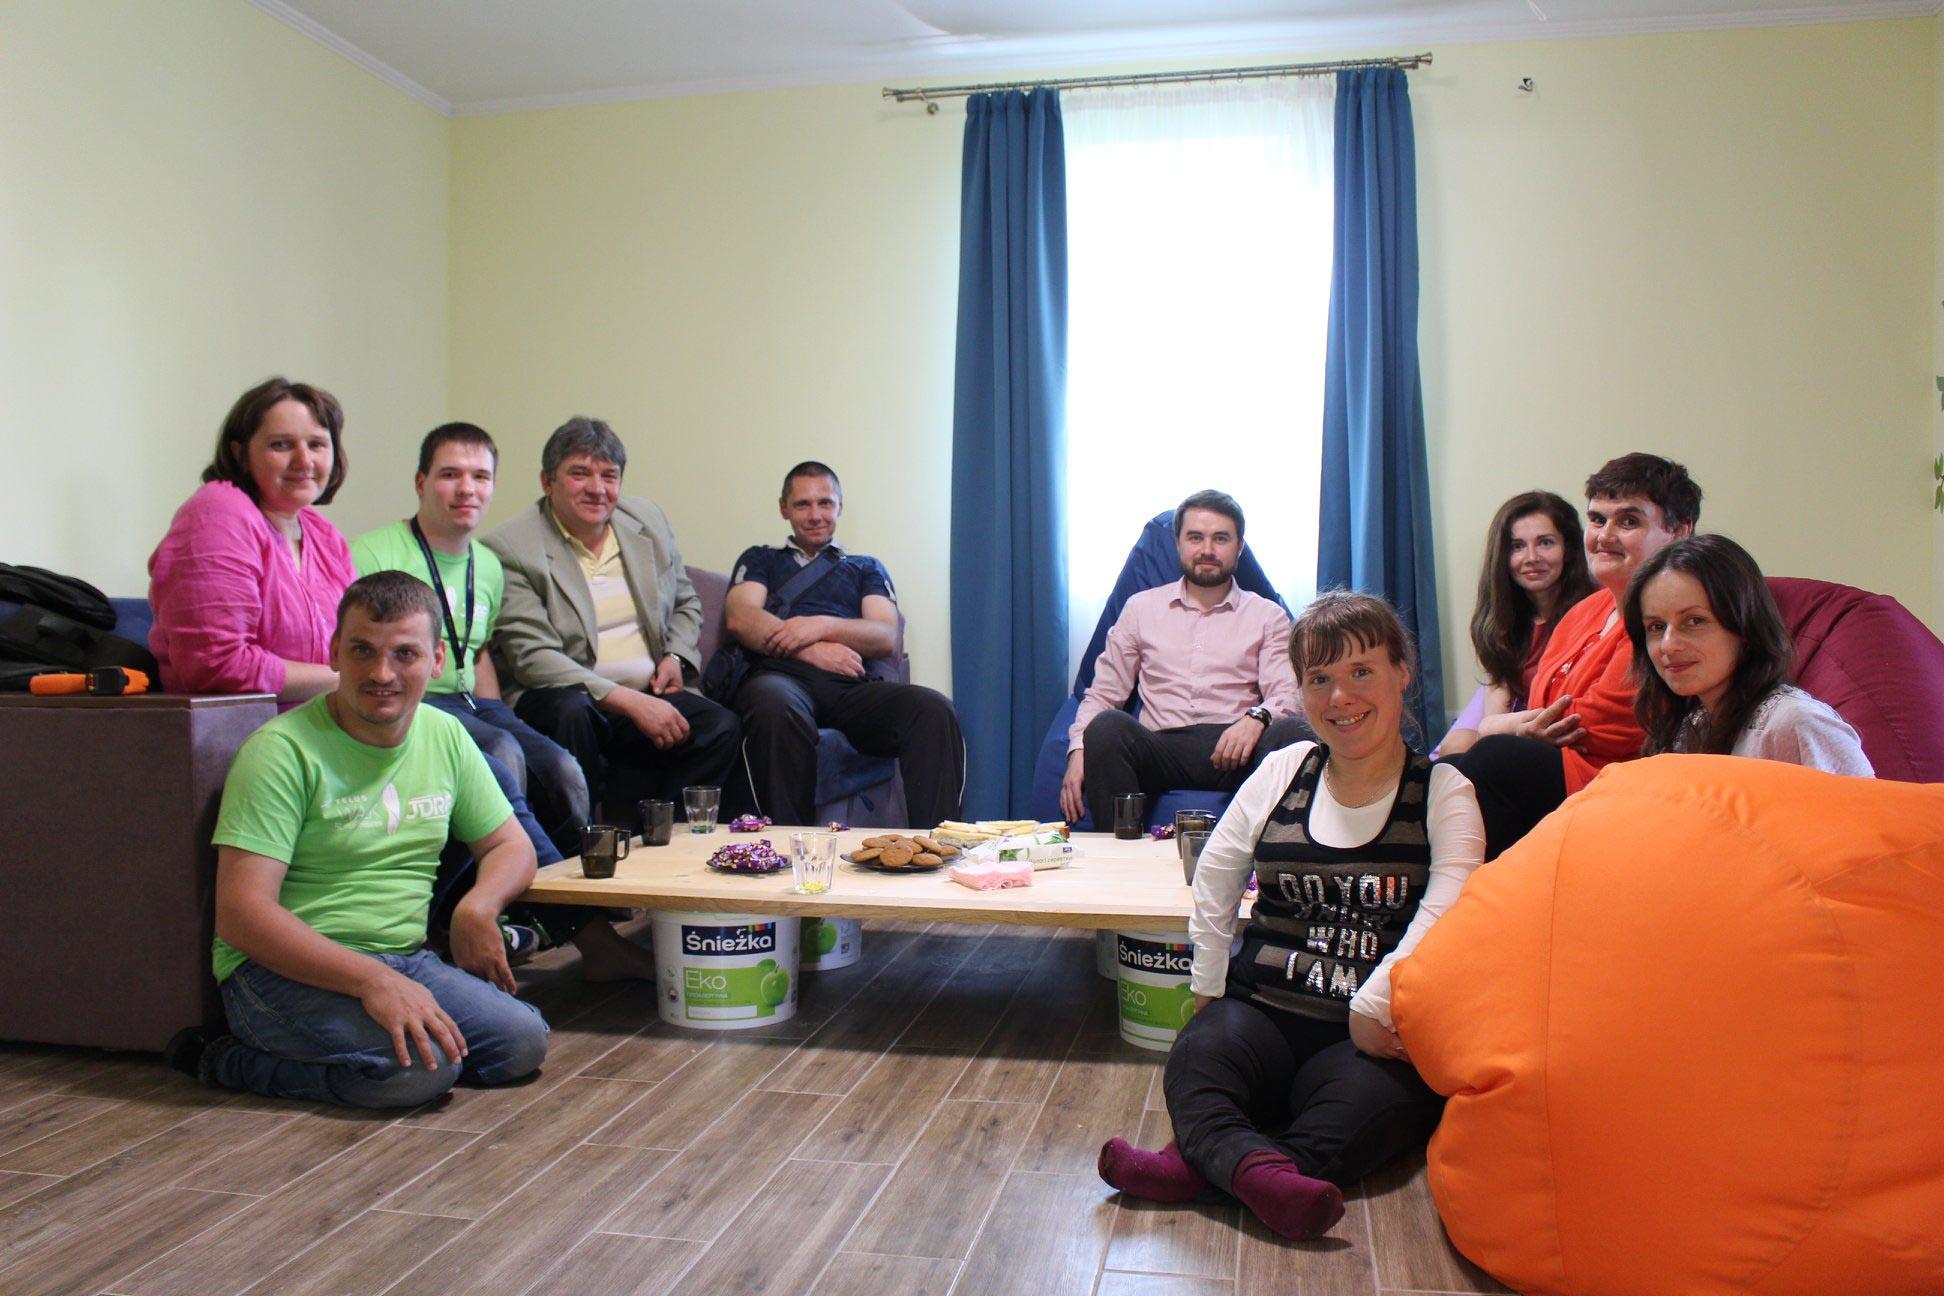 В Обертині майже готовий будинок для сиріт з інвалідністю, який облаштовують волонтери і влада (ФОТО, ВІДЕО)